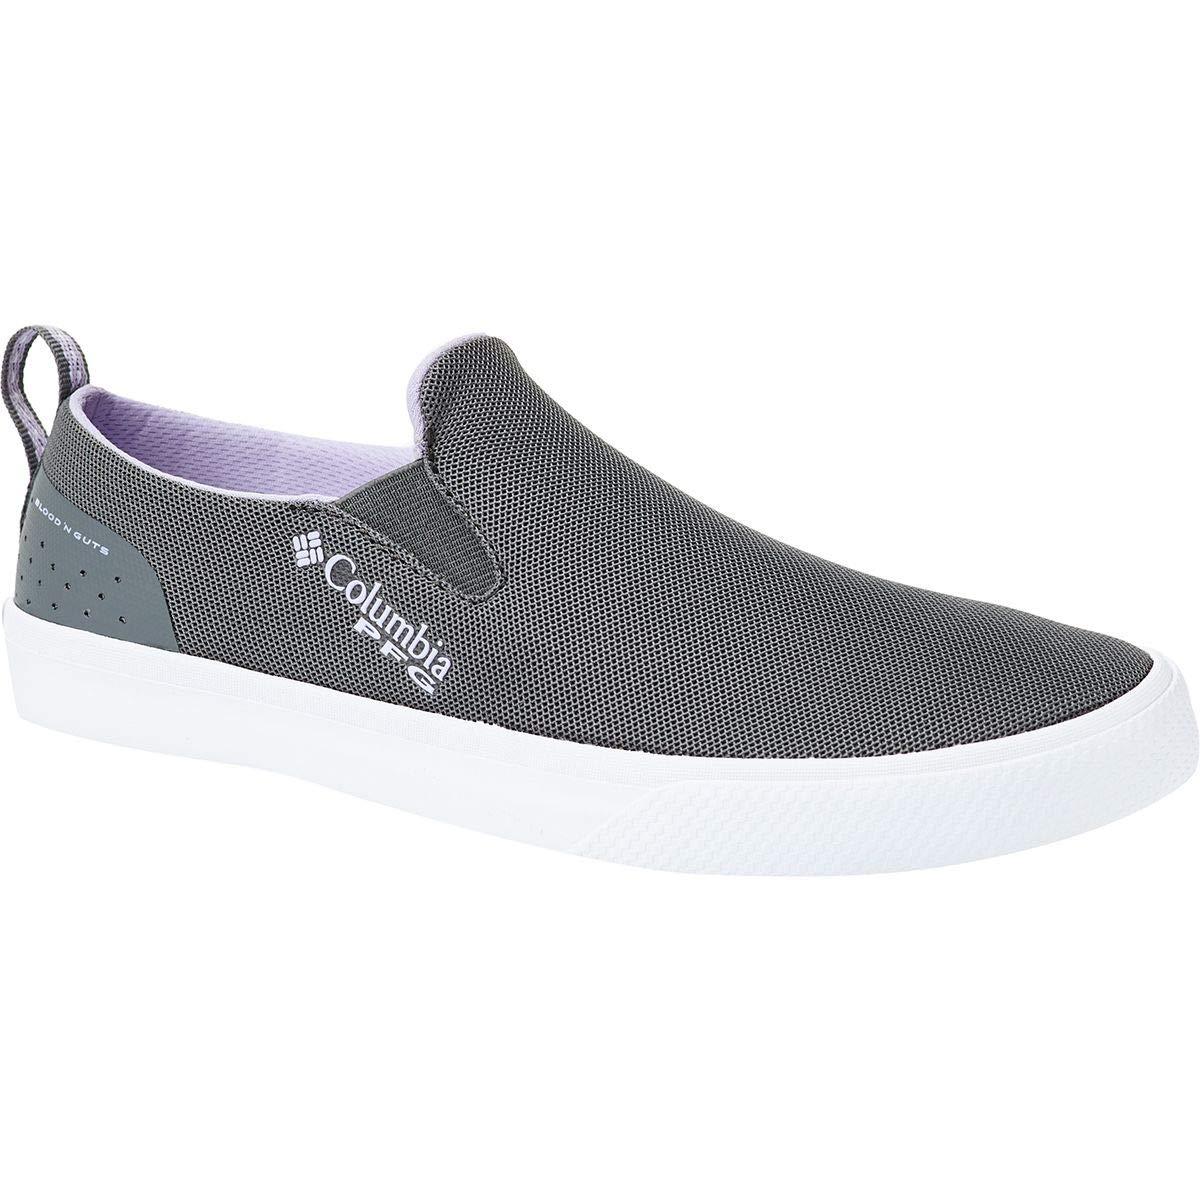 色々な [コロンビア] レディース ランニング レディース ランニング Dorado Slip Dorado PFG Shoe [並行輸入品] B07P2WLMRL 9, deco&styleらくだ館:a94e2b89 --- laikinikeliai.lt